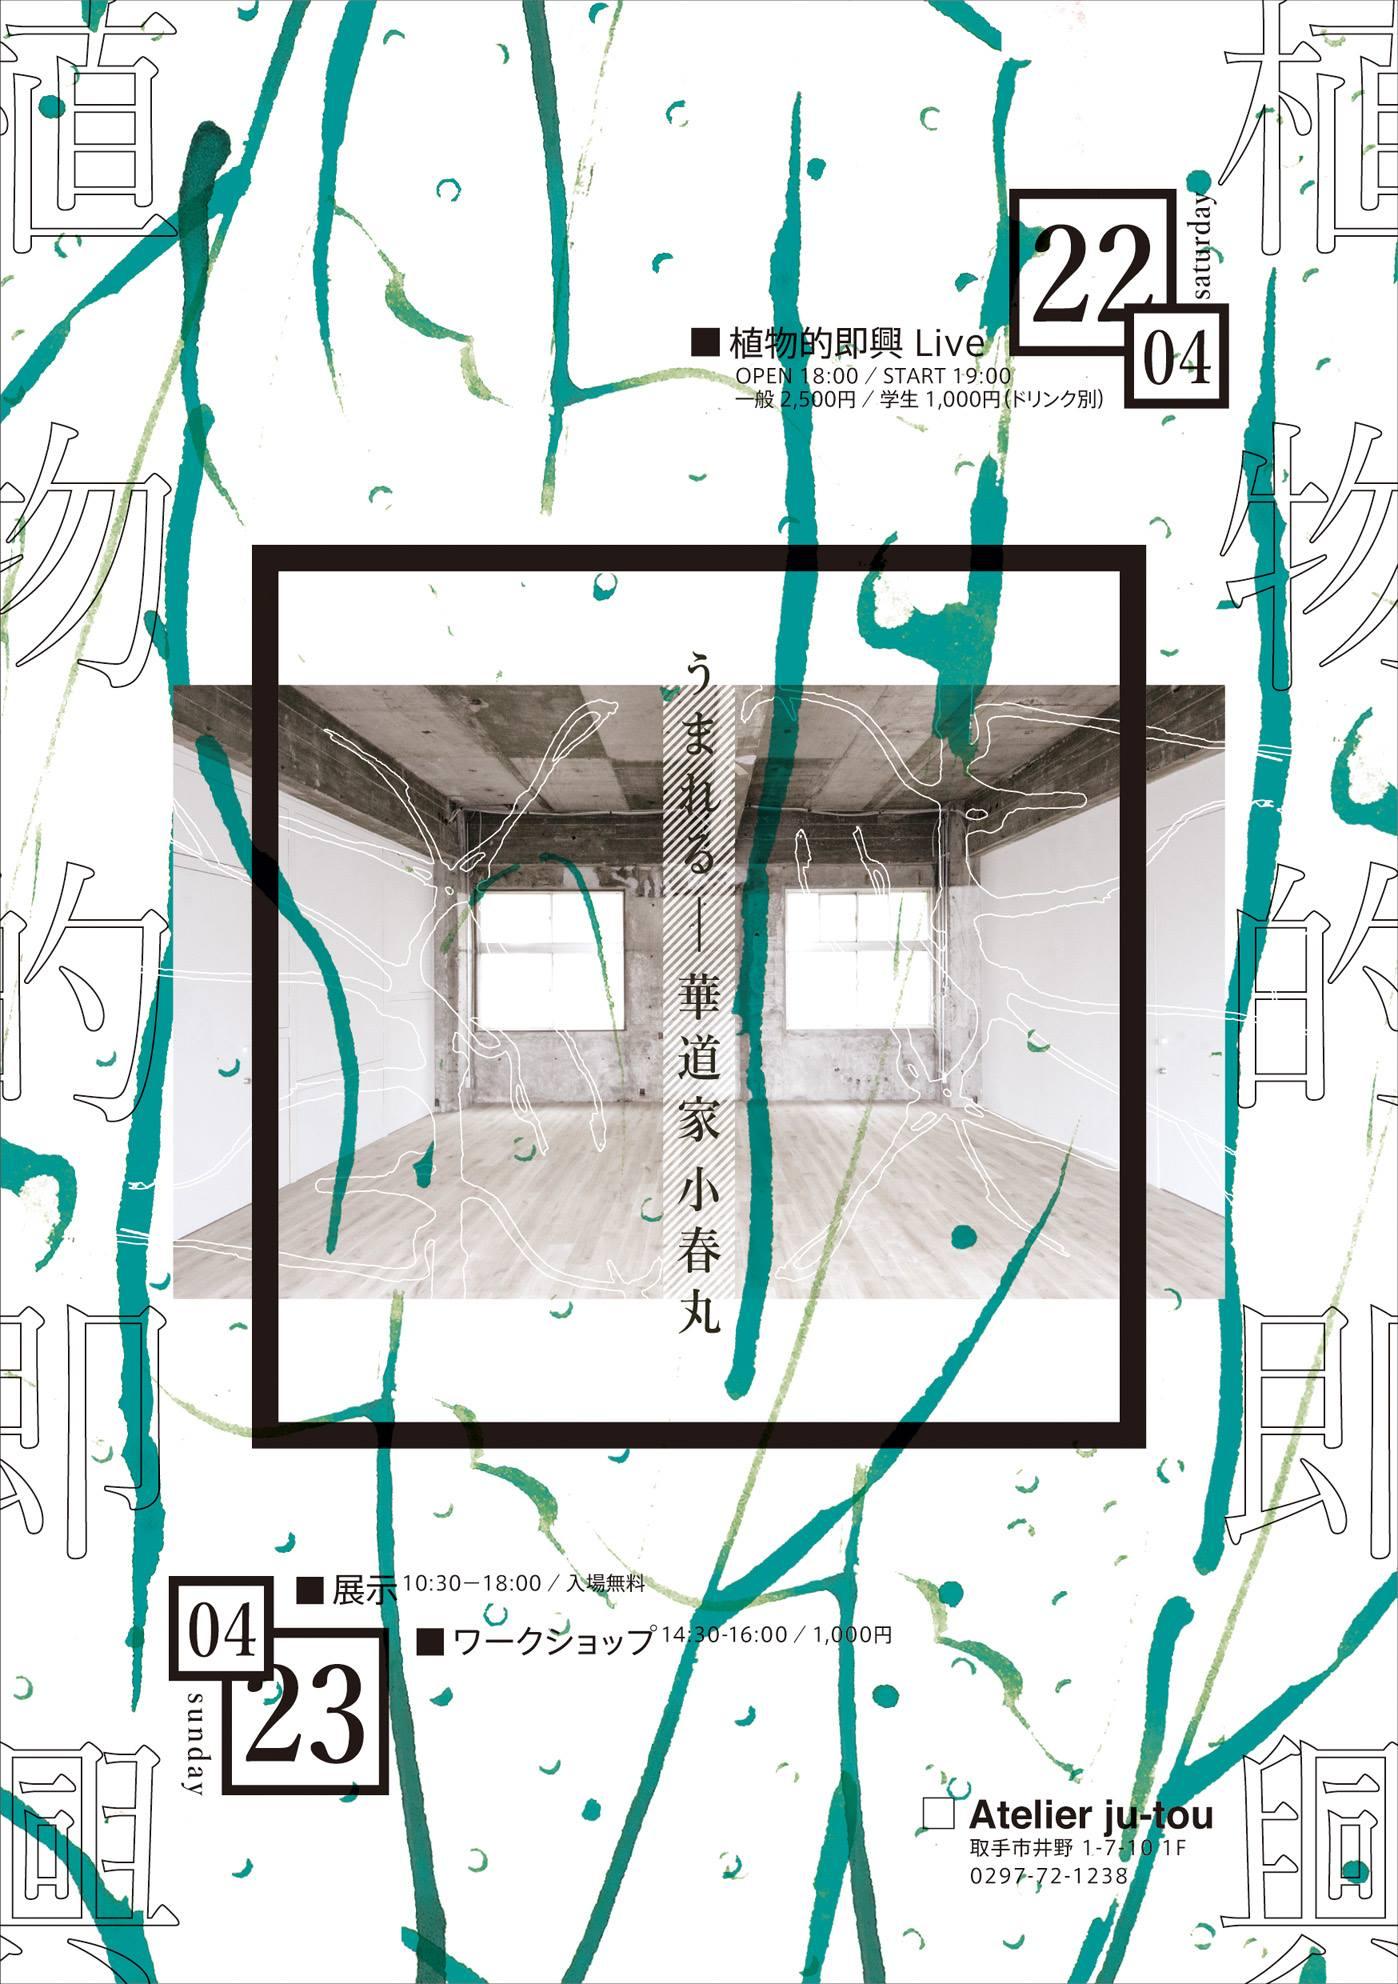 """植物的即興 """"うまれる""""やさいINO 古谷 彌治さん取手に暮らすアーティスト 003程イイ物件元山食堂 申 麻実さん"""